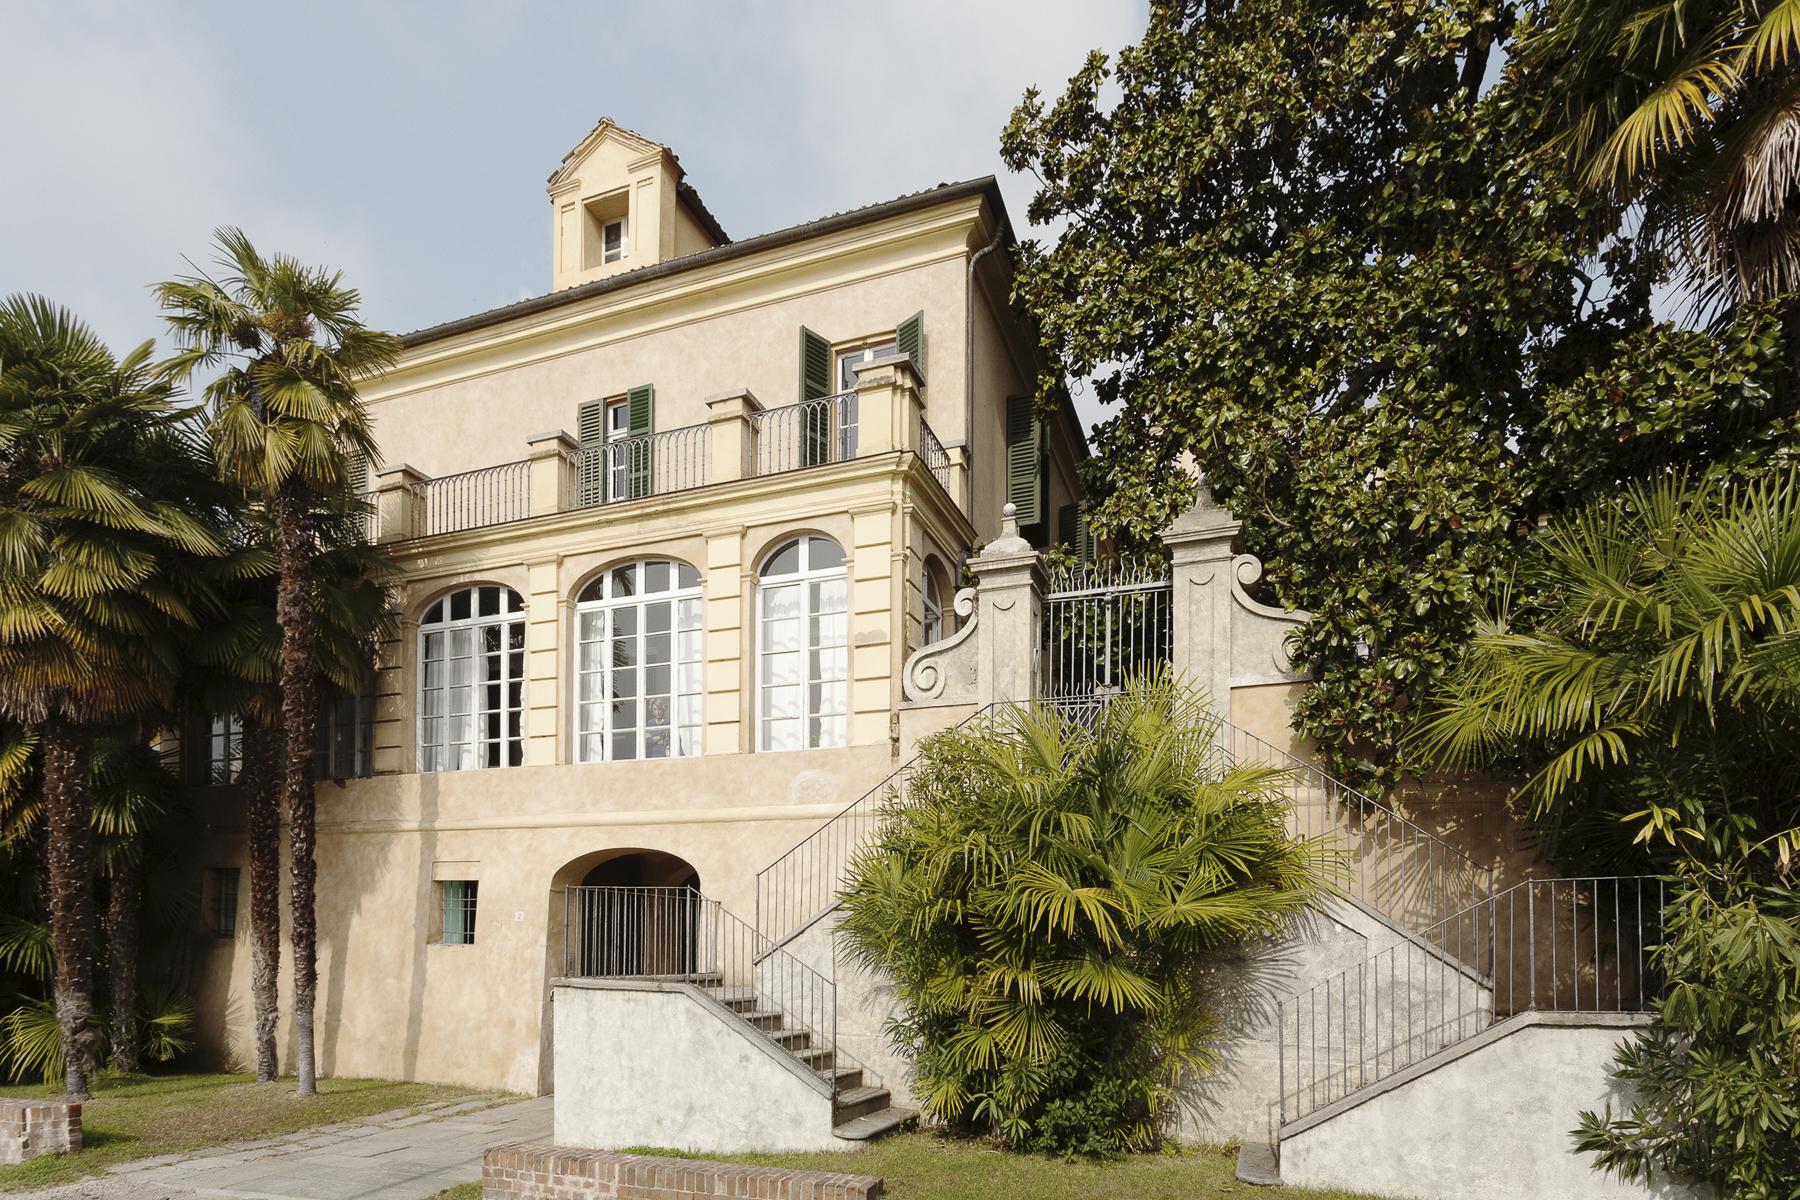 Einfamilienhaus für Verkauf beim A fascinating XVII century Villa in Revigliasco Hill Strada Moncalieri Revigliasco, Turin 10024 Italien